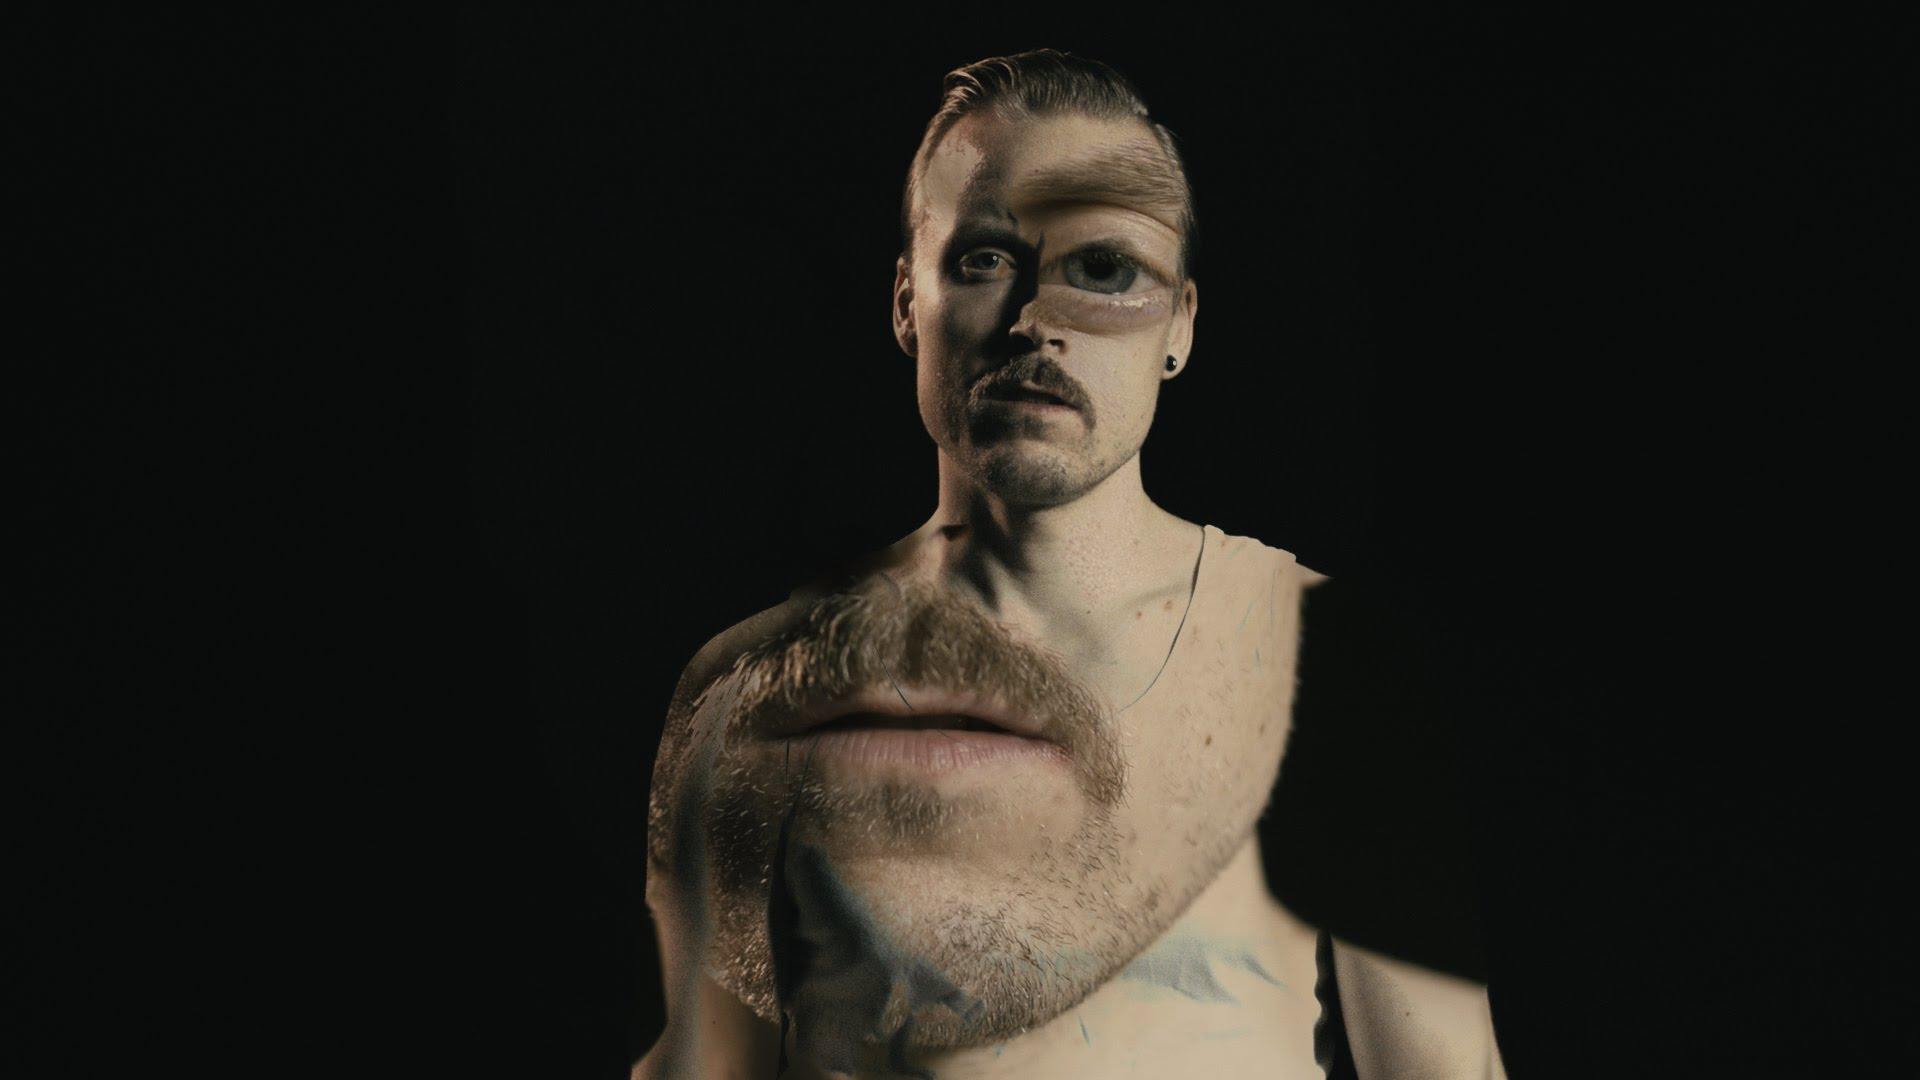 Video: Daikini – Paljas iho